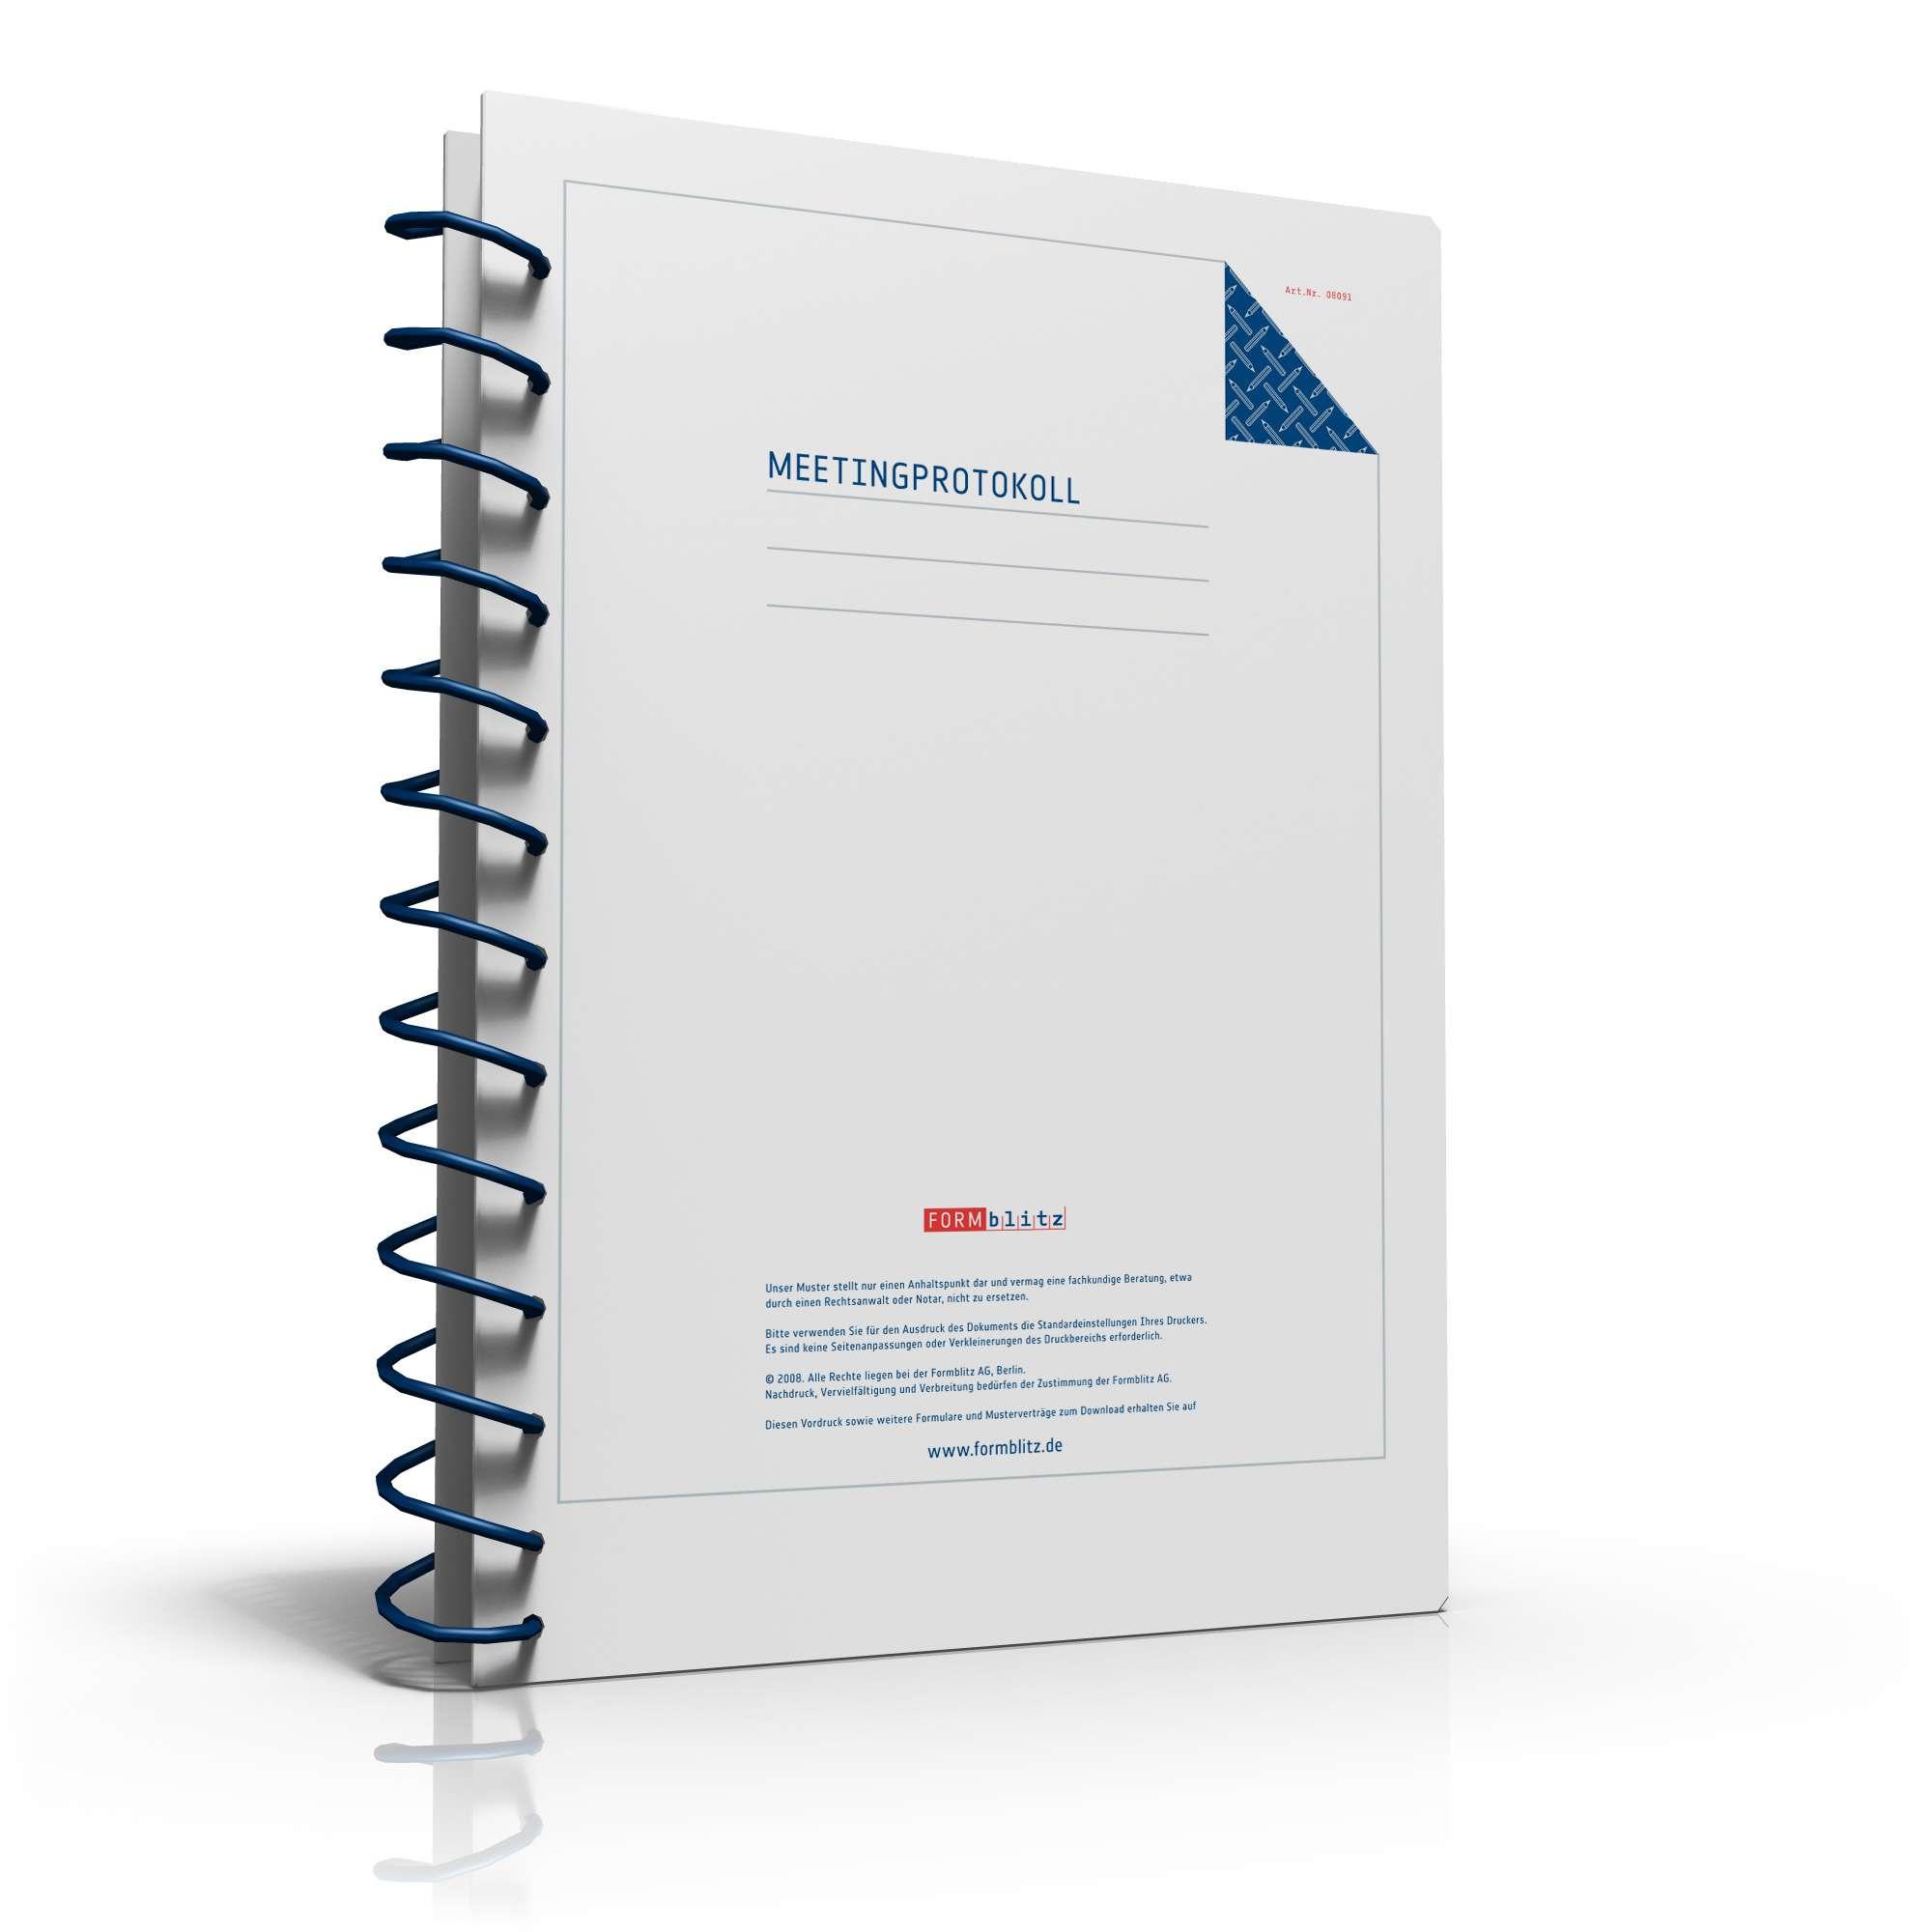 Protokoll Meetings und Konferenzen | Vorlage zum Download